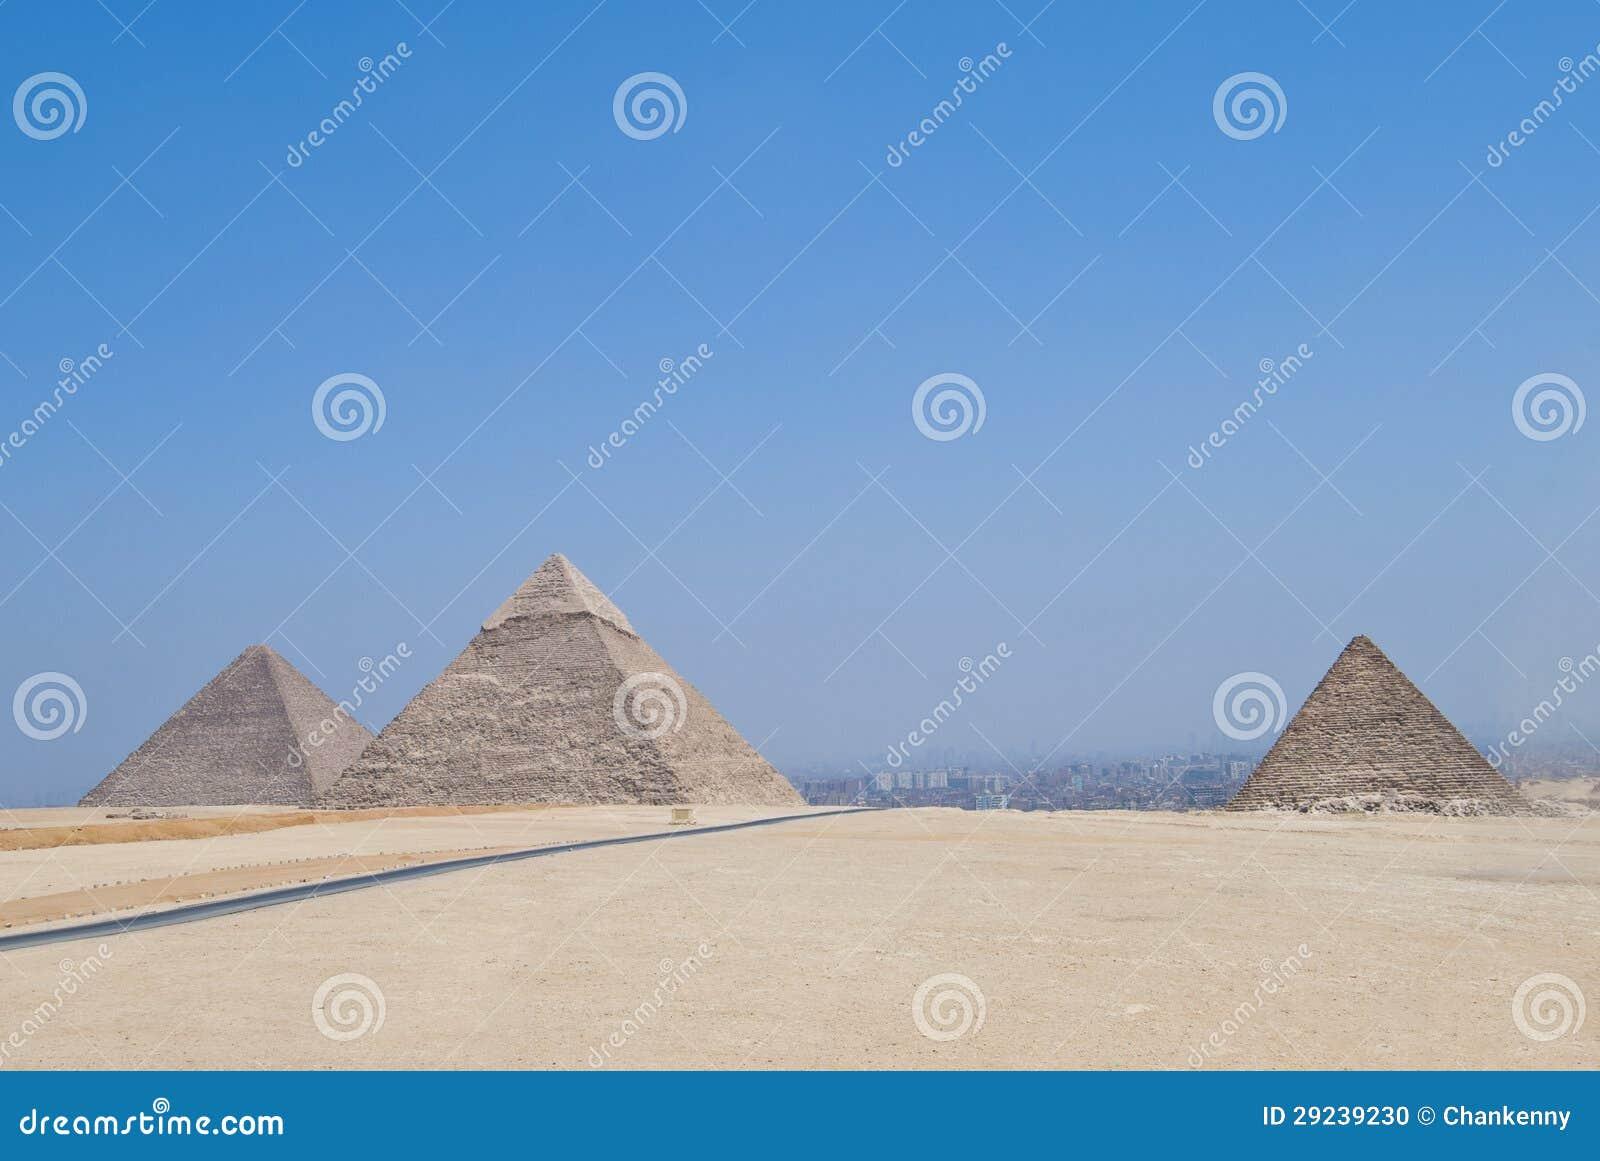 Download Pirâmides egípcias foto de stock. Imagem de pirâmides - 29239230